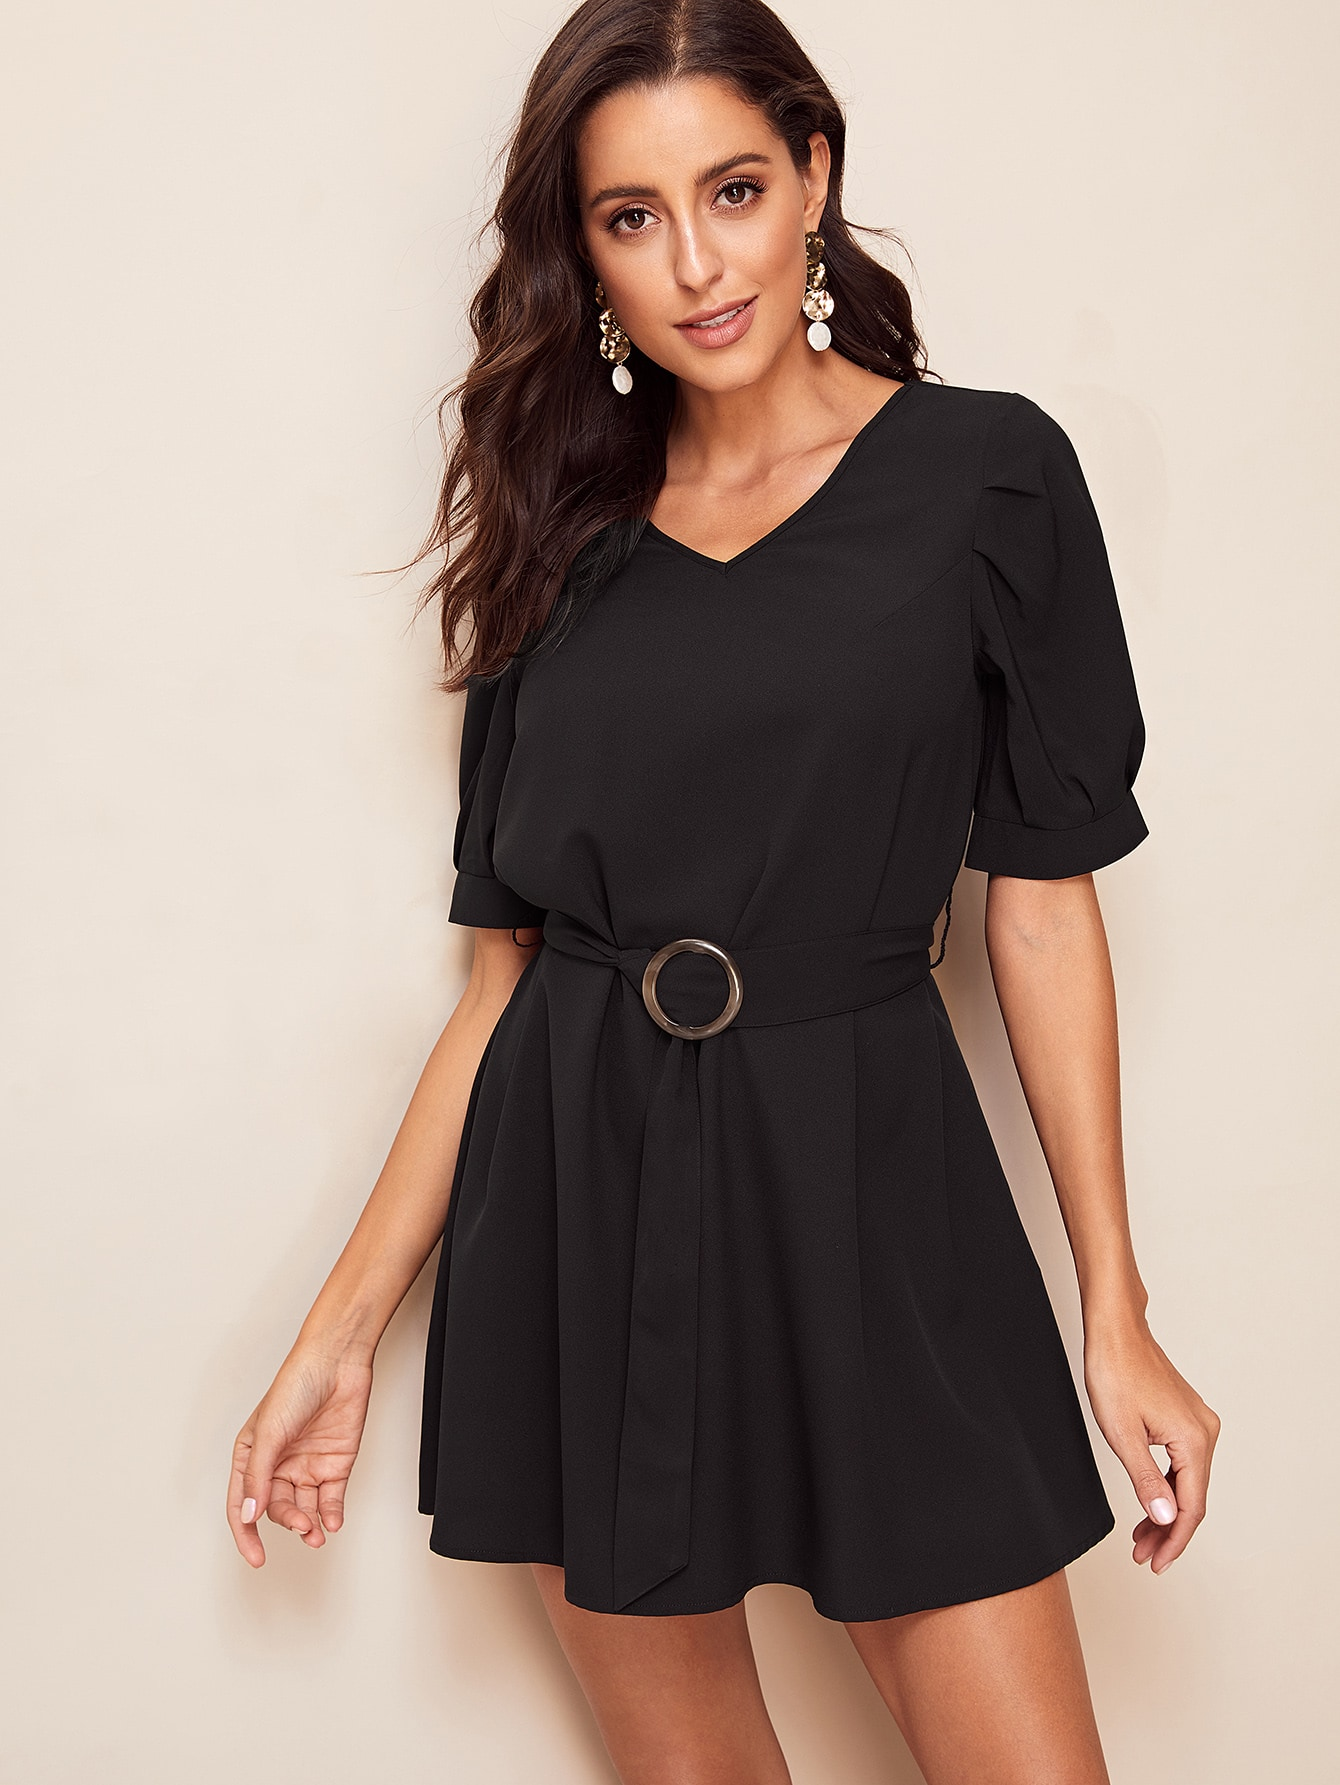 Купить Платье с двойным v-образным вырезом и поясом, Mary P., SheIn